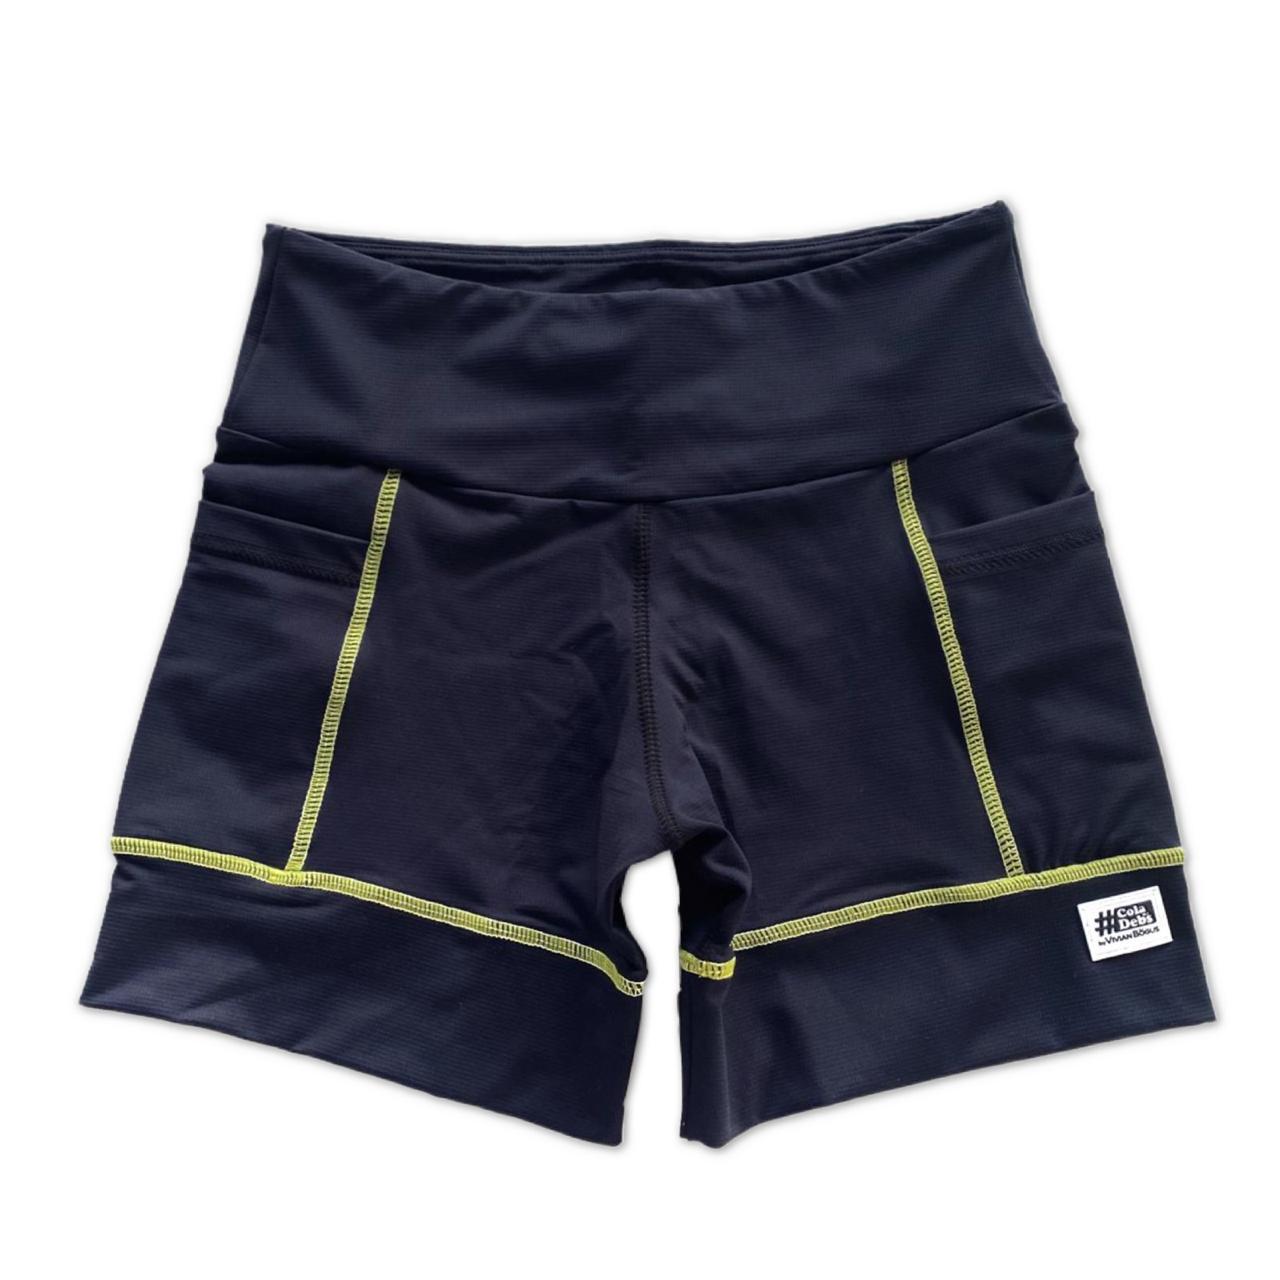 Shorts de compressão square em compress preto com costura amarela  - Vivian Bógus